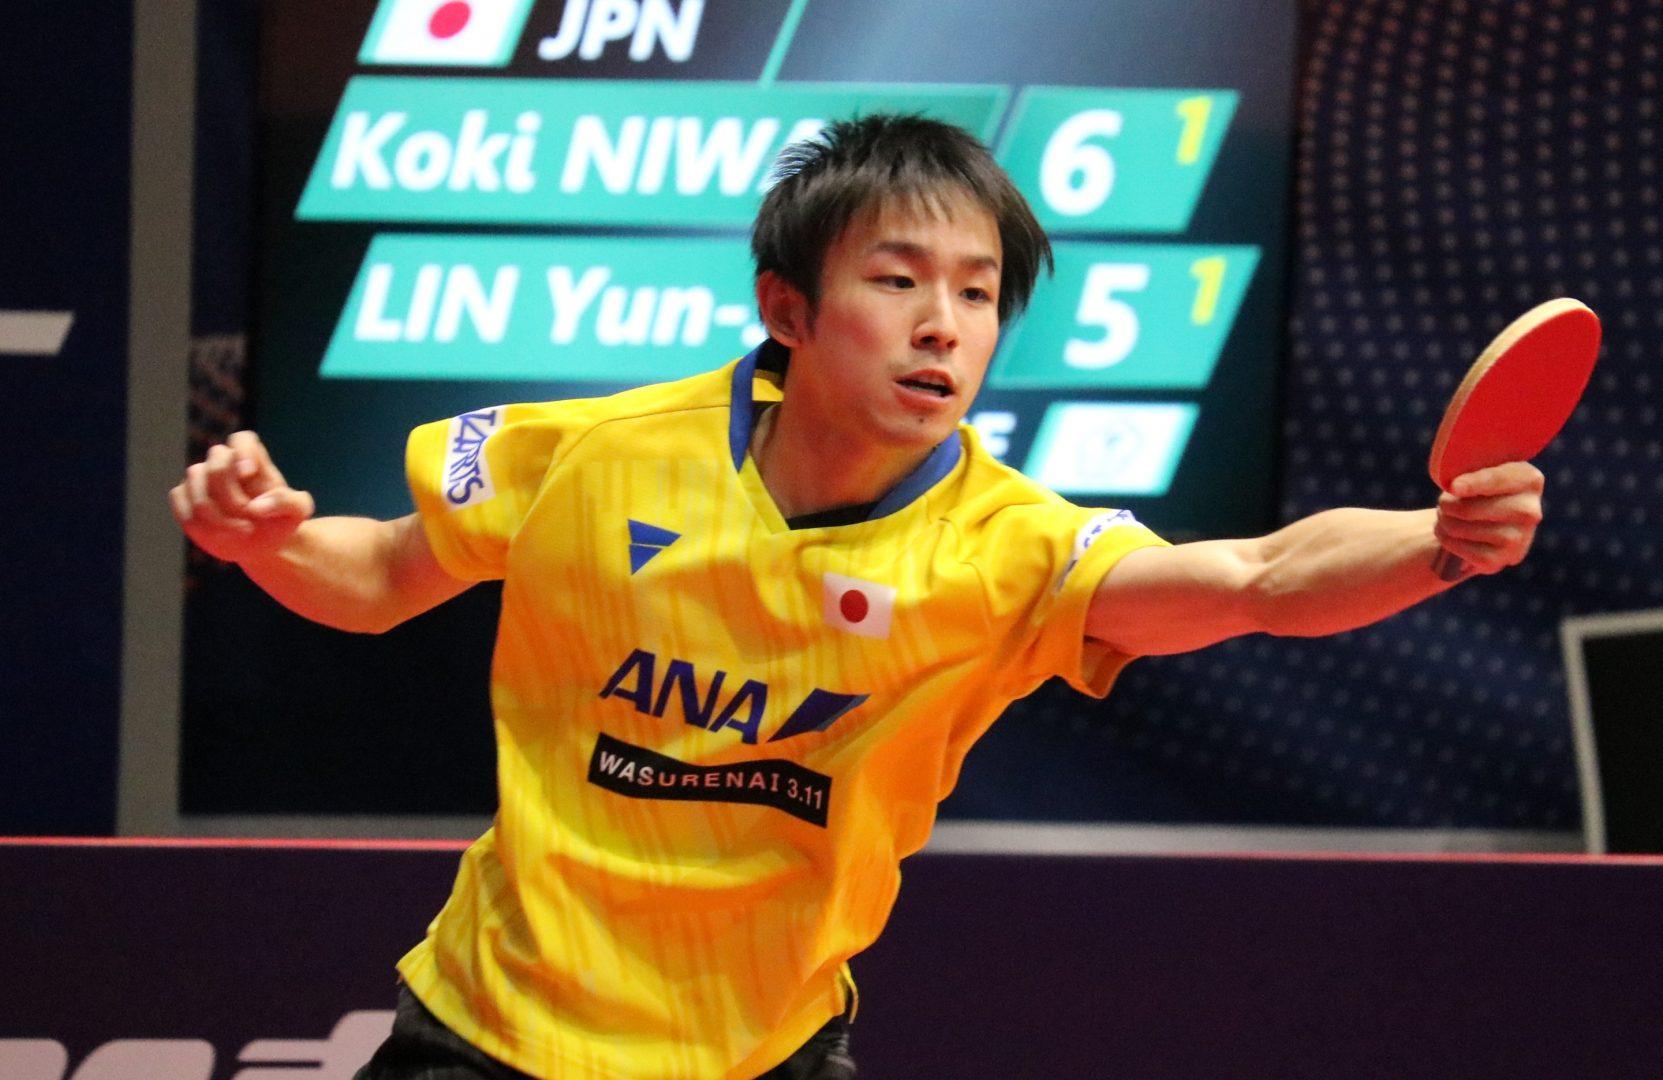 張本は順位を1つ落として5位 丹羽はトップ10返り咲き|卓球男子世界ランキング(8月最新発表)